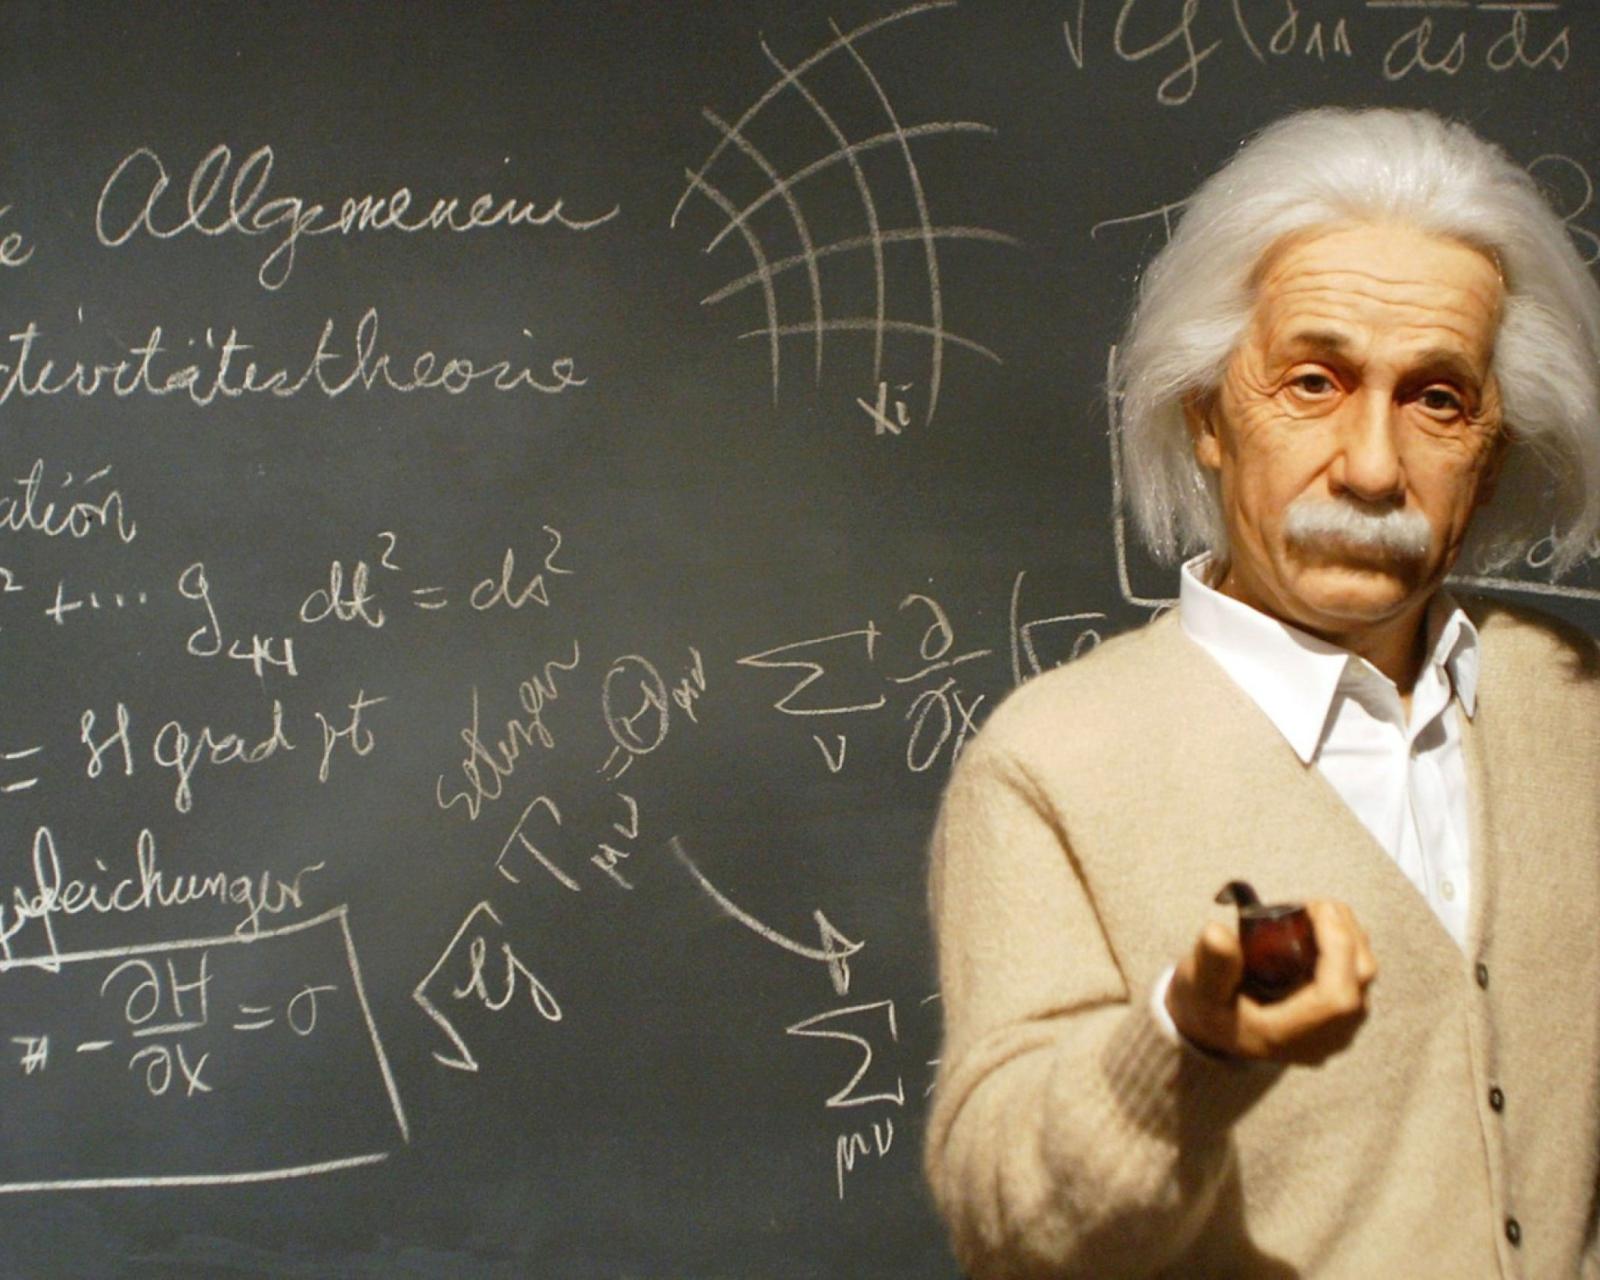 выбрать что говорил эйнштейн про перемены технологии применения термобелья